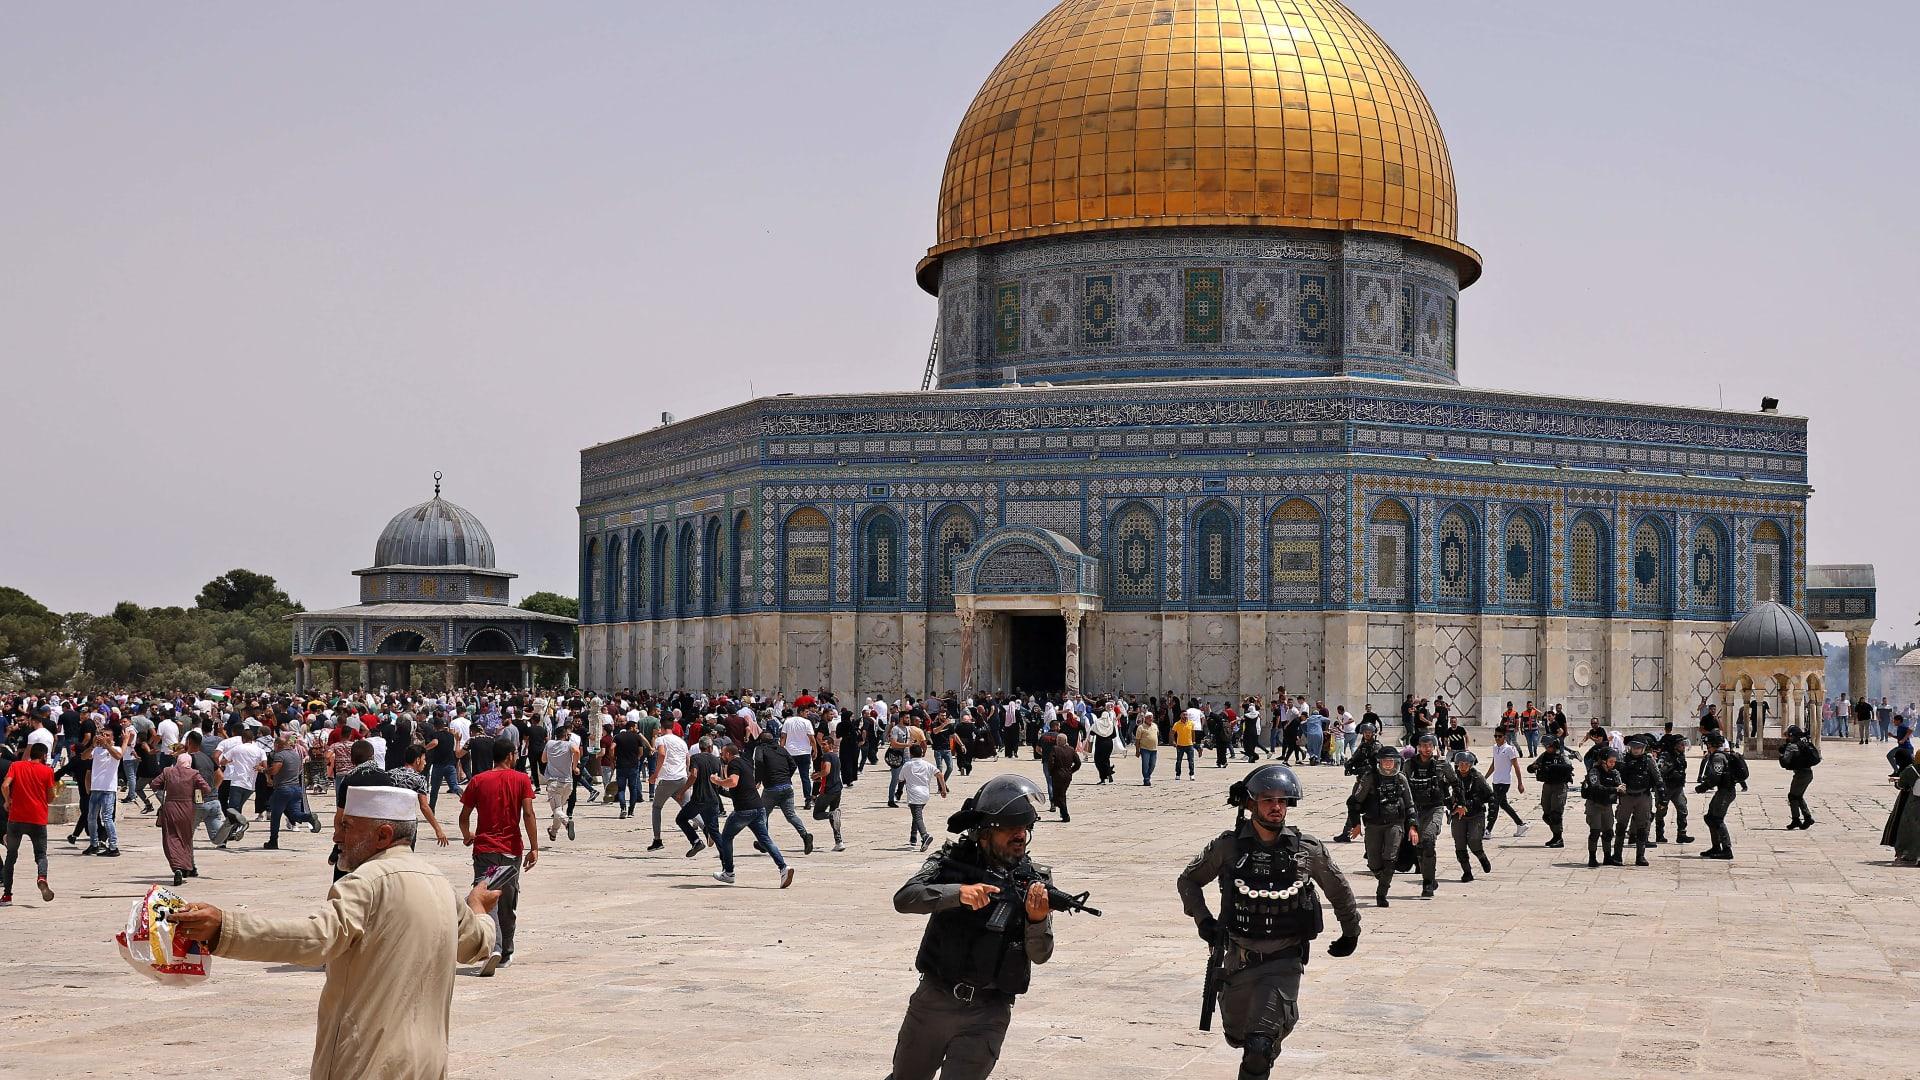 إصابة 20 شخصًا في اشتباكات وسط احتفالات الفلسطينيين بالهدنة في المسجد الأقصى